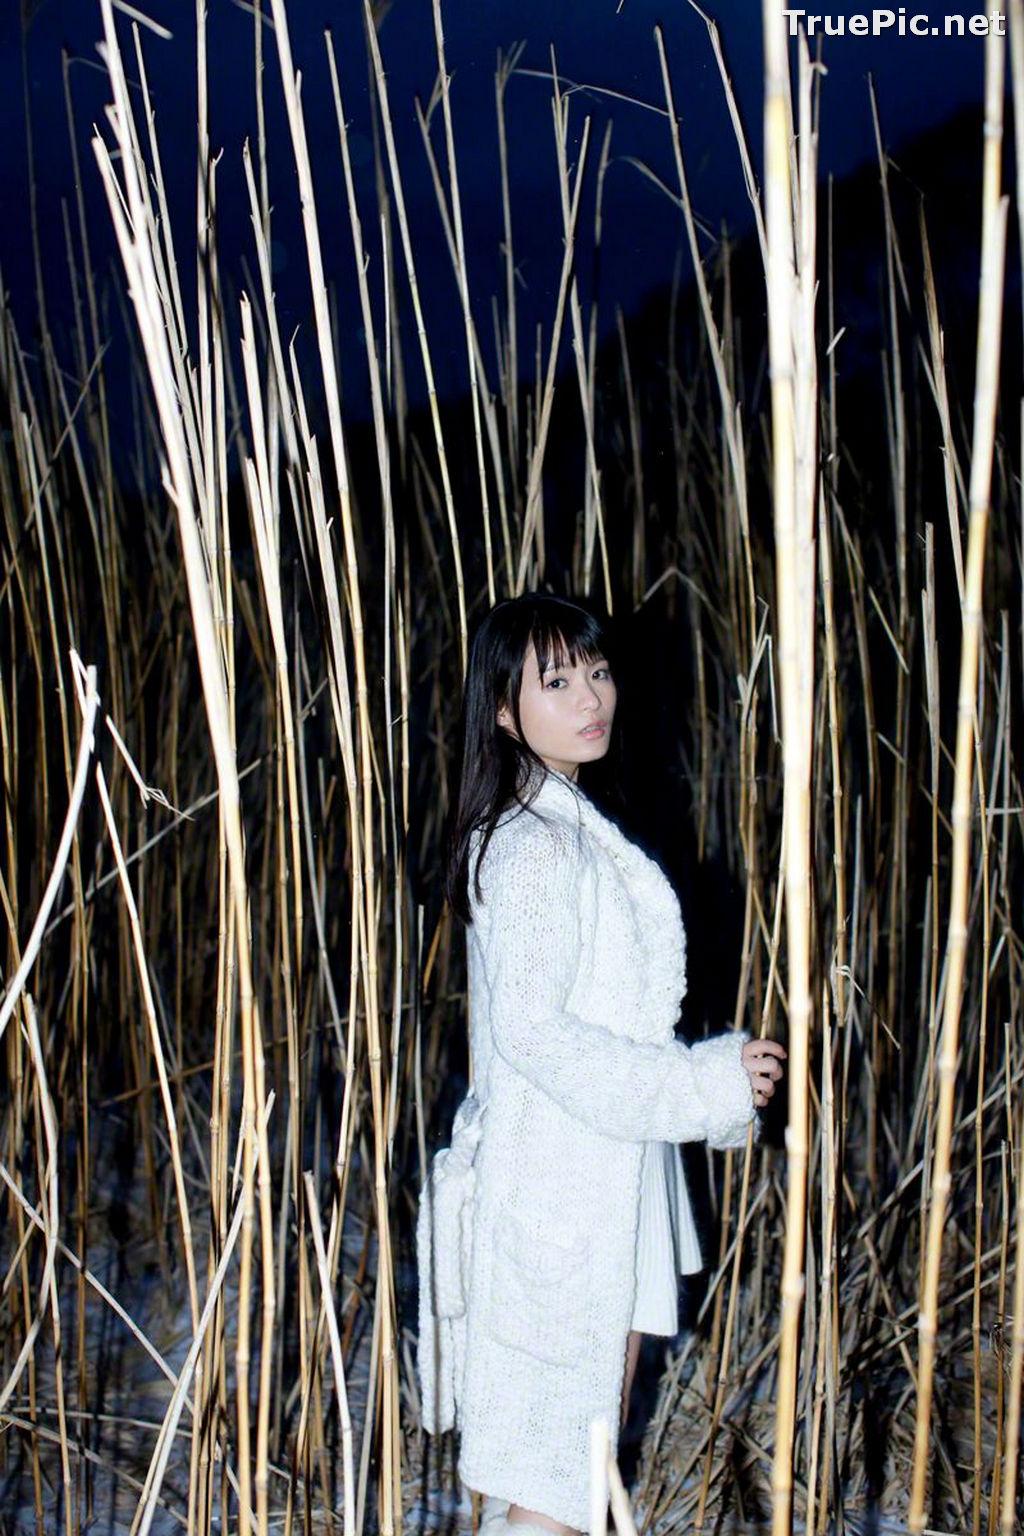 Image Wanibooks No.134 – Japanese Gravure Idol – Mizuki Hoshina - TruePic.net - Picture-7